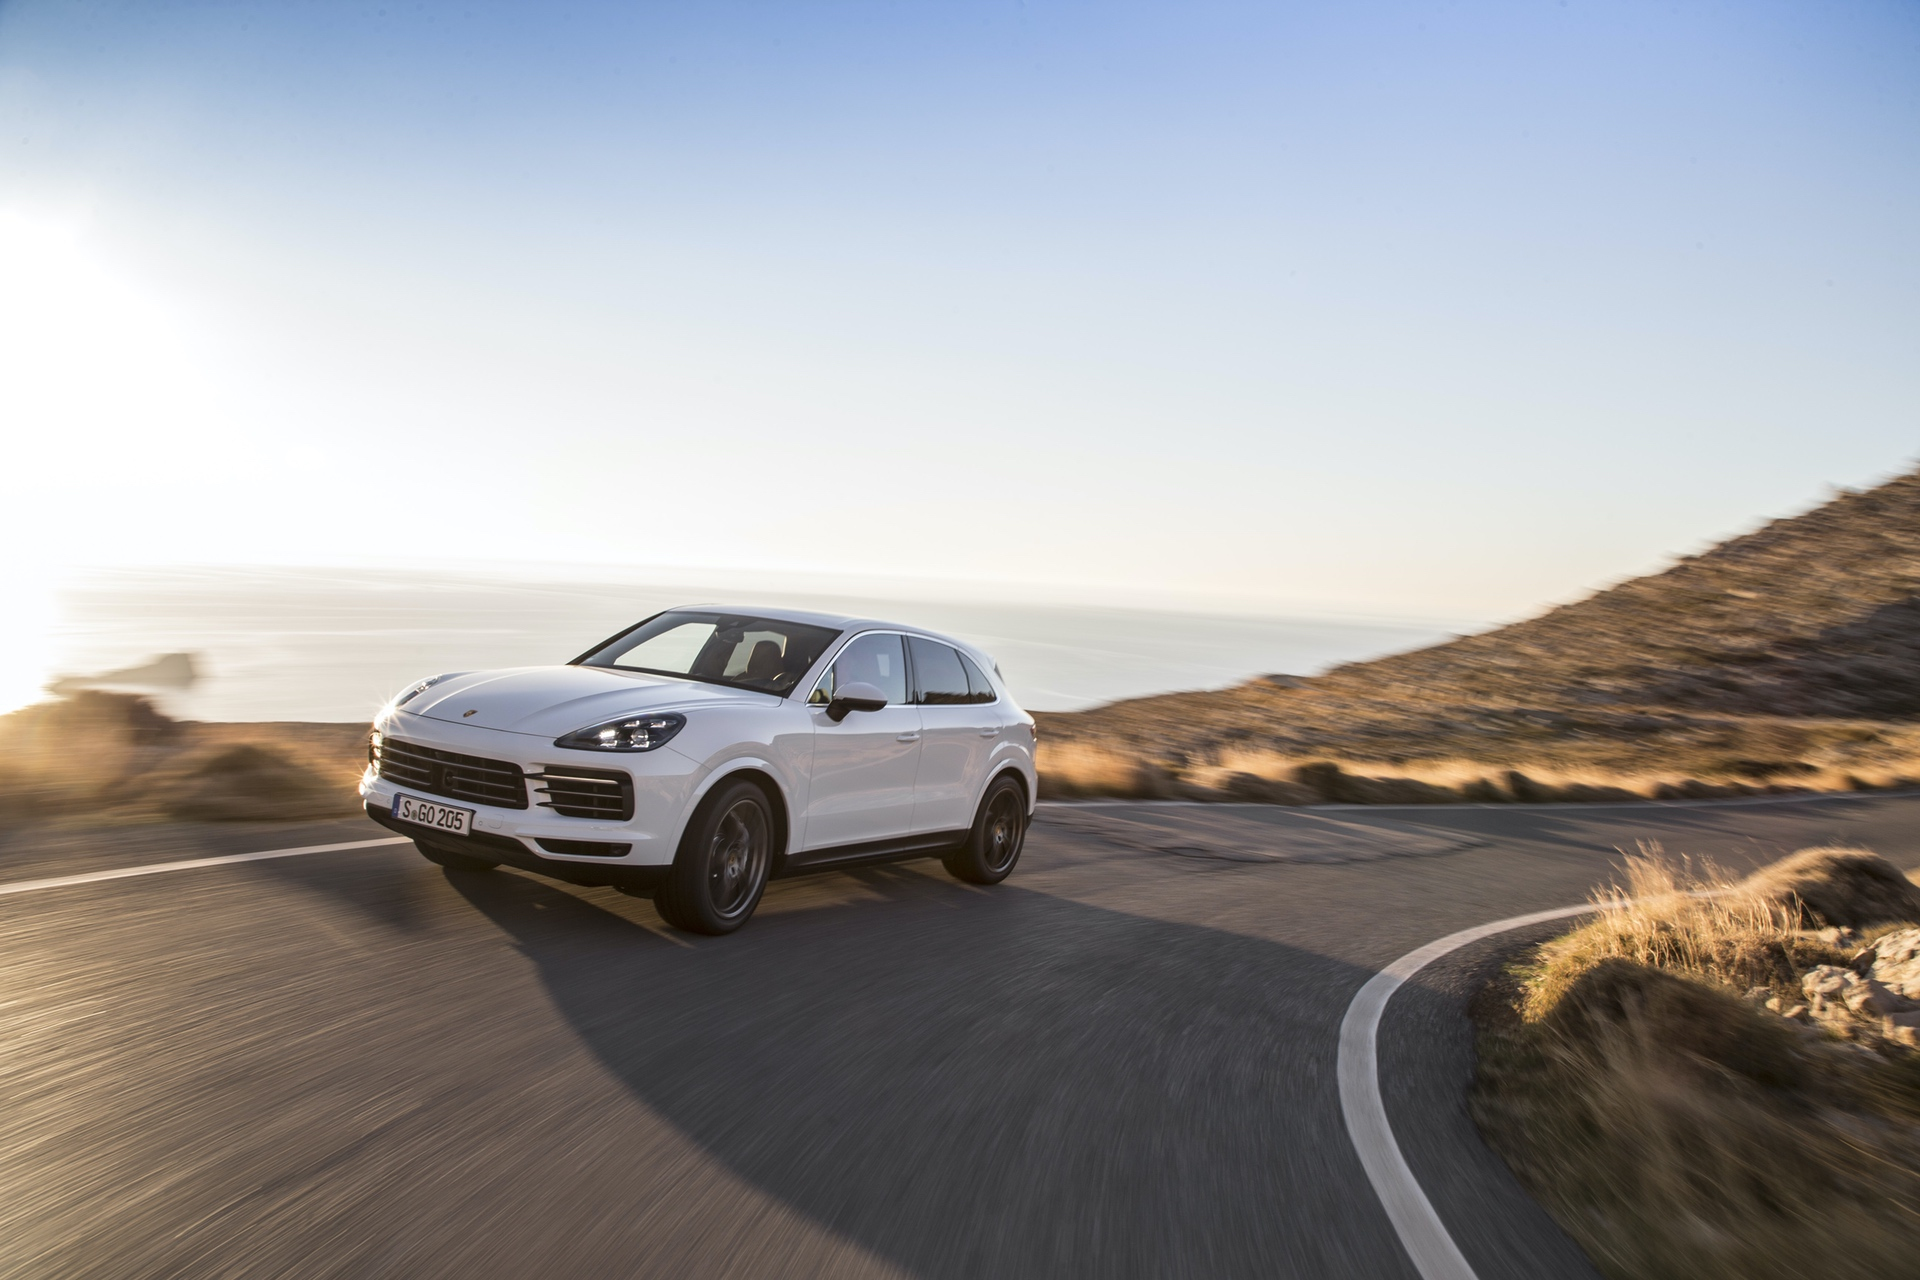 Test_Drive_Porsche_Cayenne_193